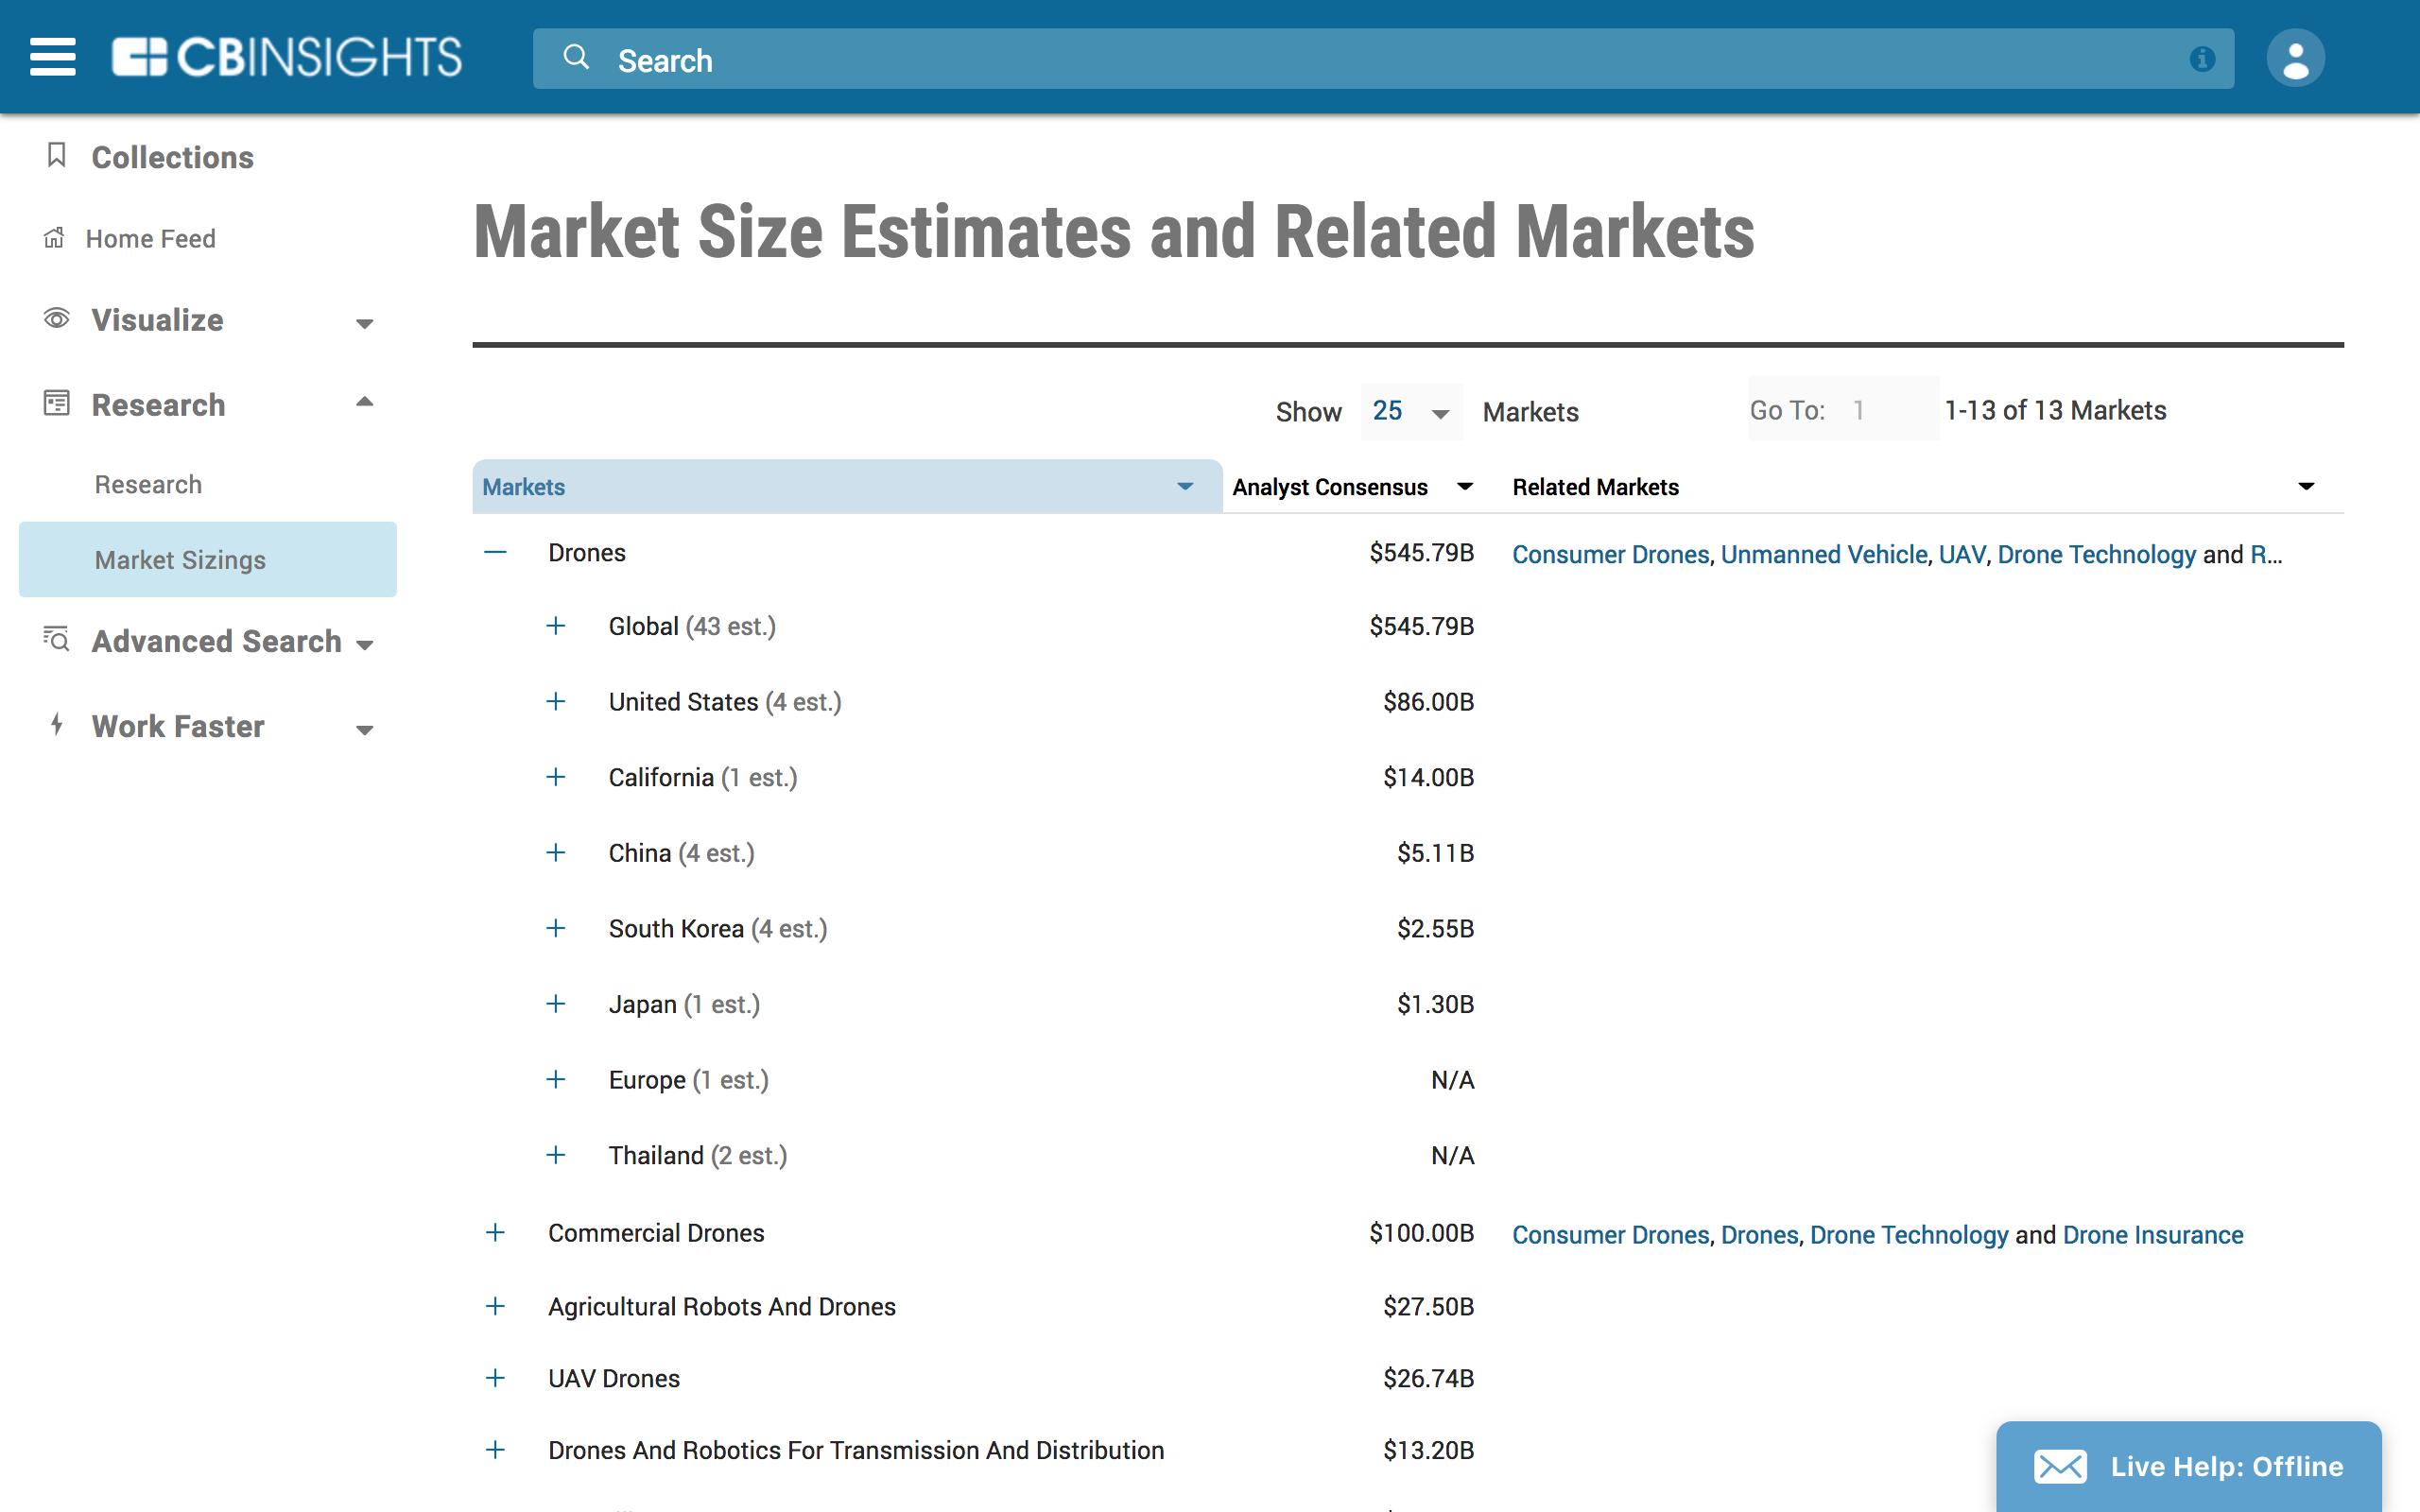 Understand adjacent markets to assess future growth opportunities.